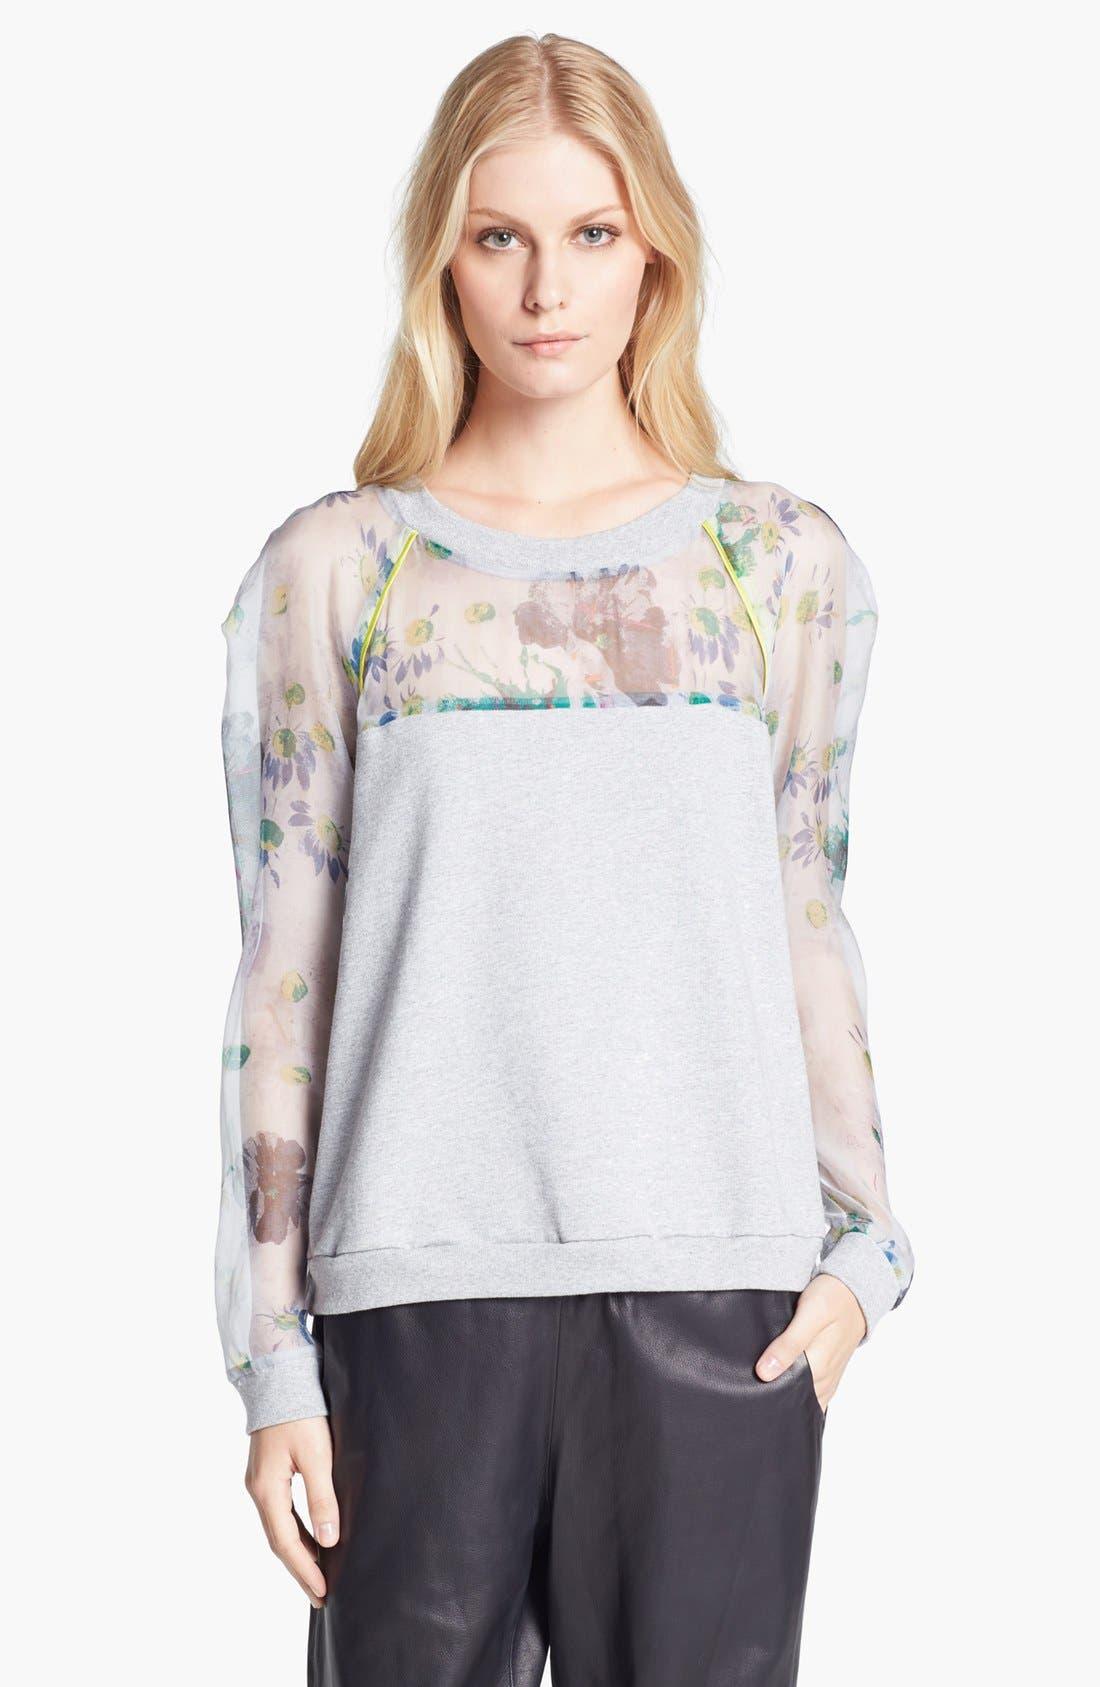 Alternate Image 1 Selected - Elizabeth and James 'Frankie' Sweatshirt